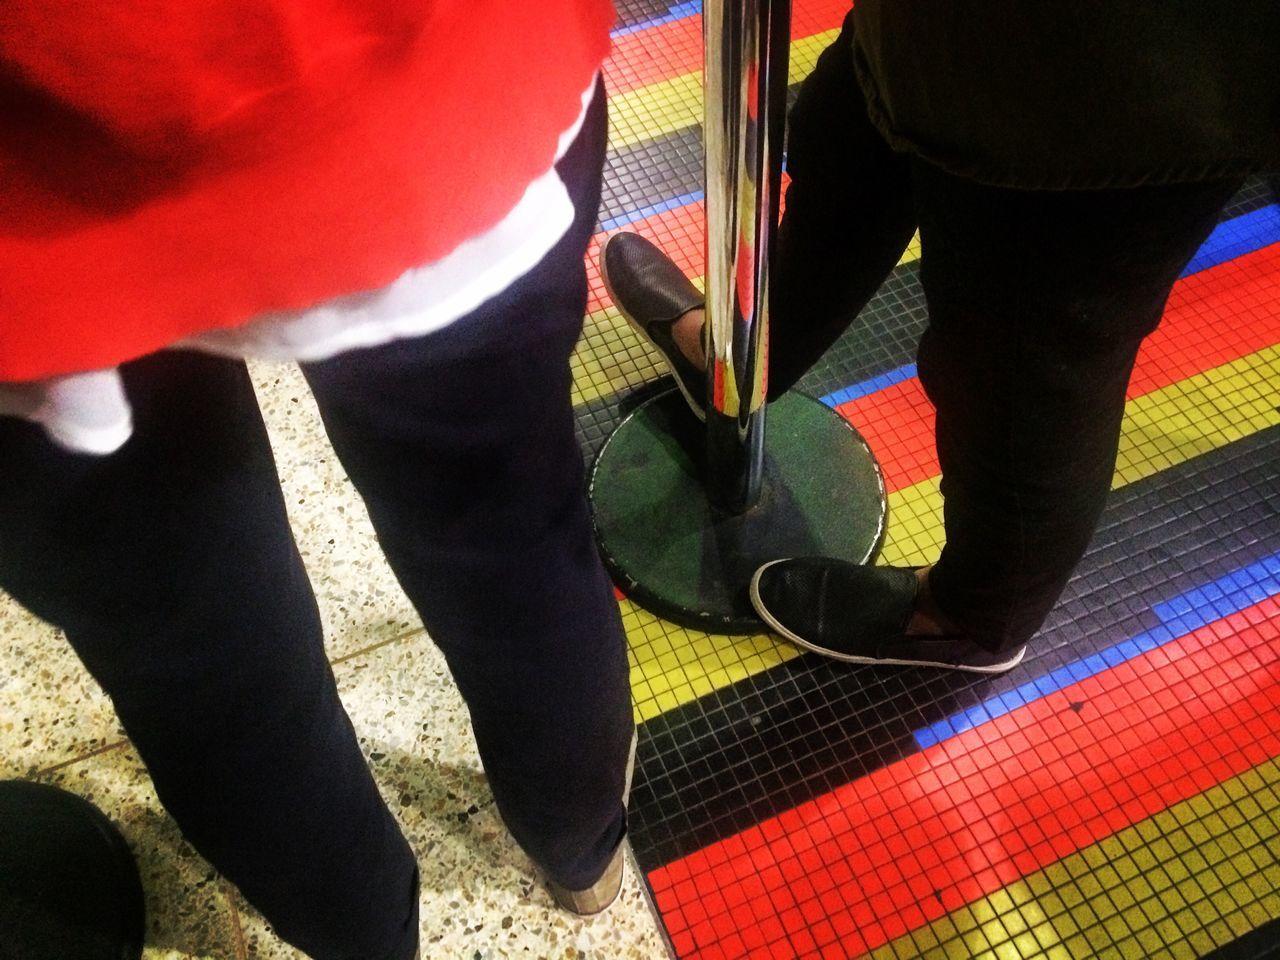 Aeropuerto de Maiquetia floor Low Section Human Leg Standing Real People Red Human Body Part Pants Floor Detail Shooes Maiquetía Aeropuerto De Maiquetia Airport Floor Art Is Everywhere Art Floor Cruz Diez Departure Departure Floor Despedida En Aeropuerto Despedida